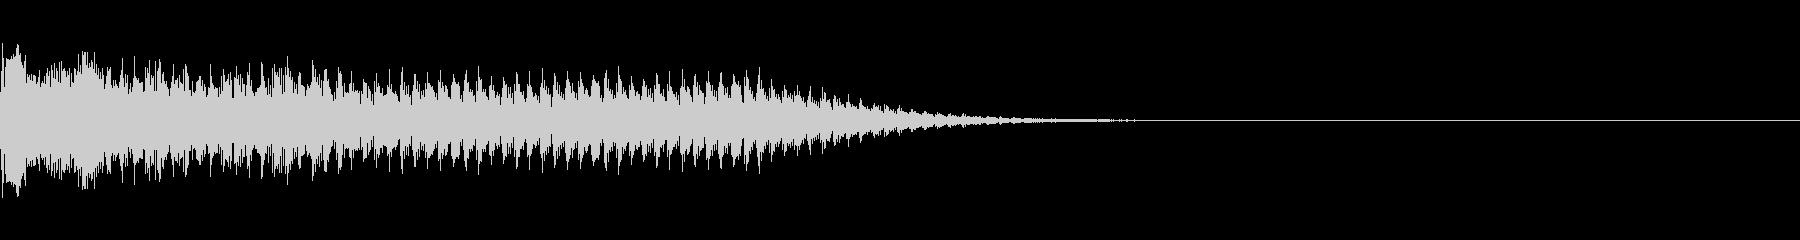 レーザービームの未再生の波形